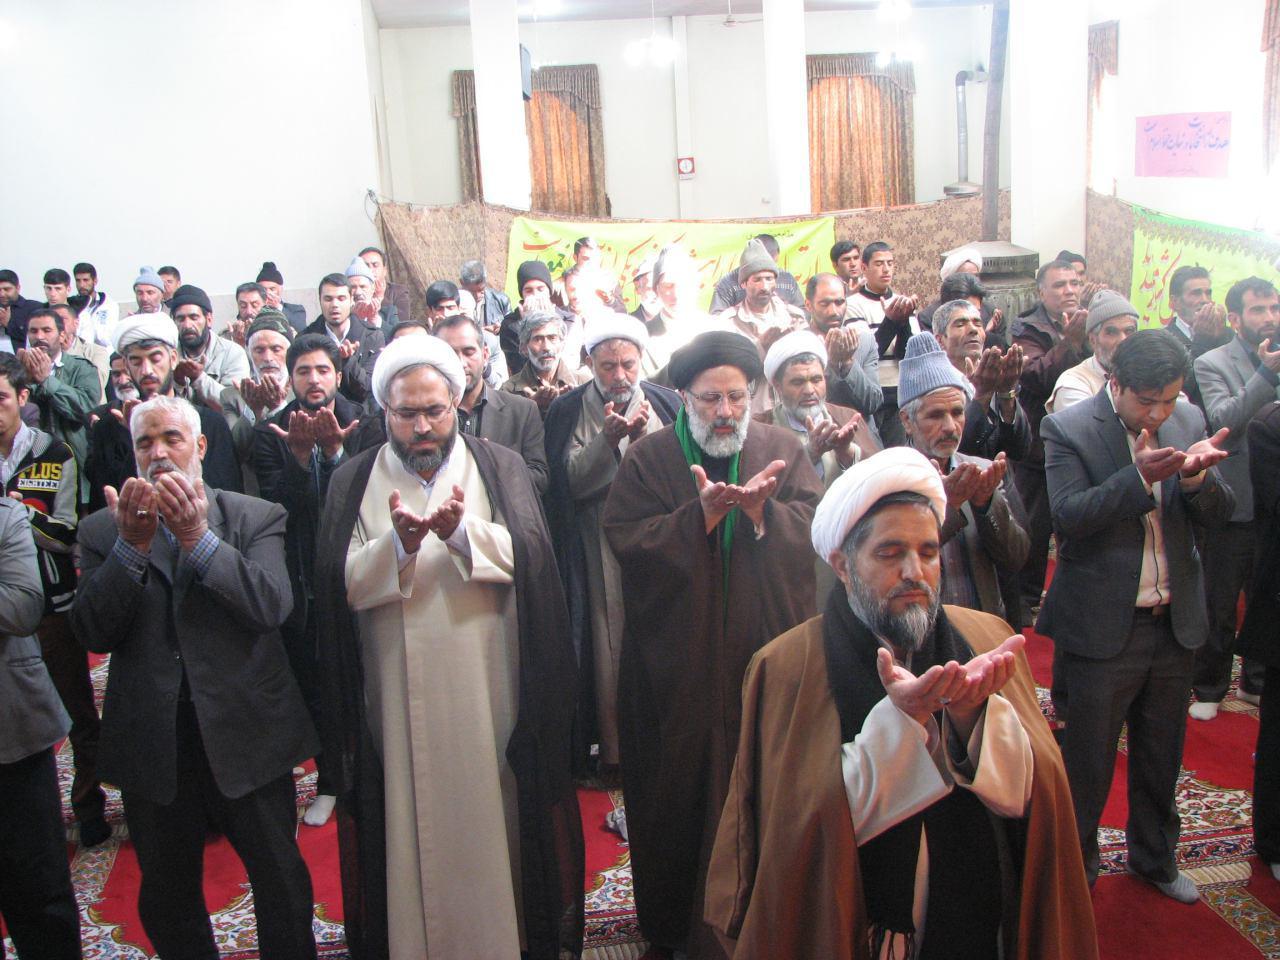 استقبال مردم زهان و زیرکوه از حجت الاسلام و المسلمین رییسی